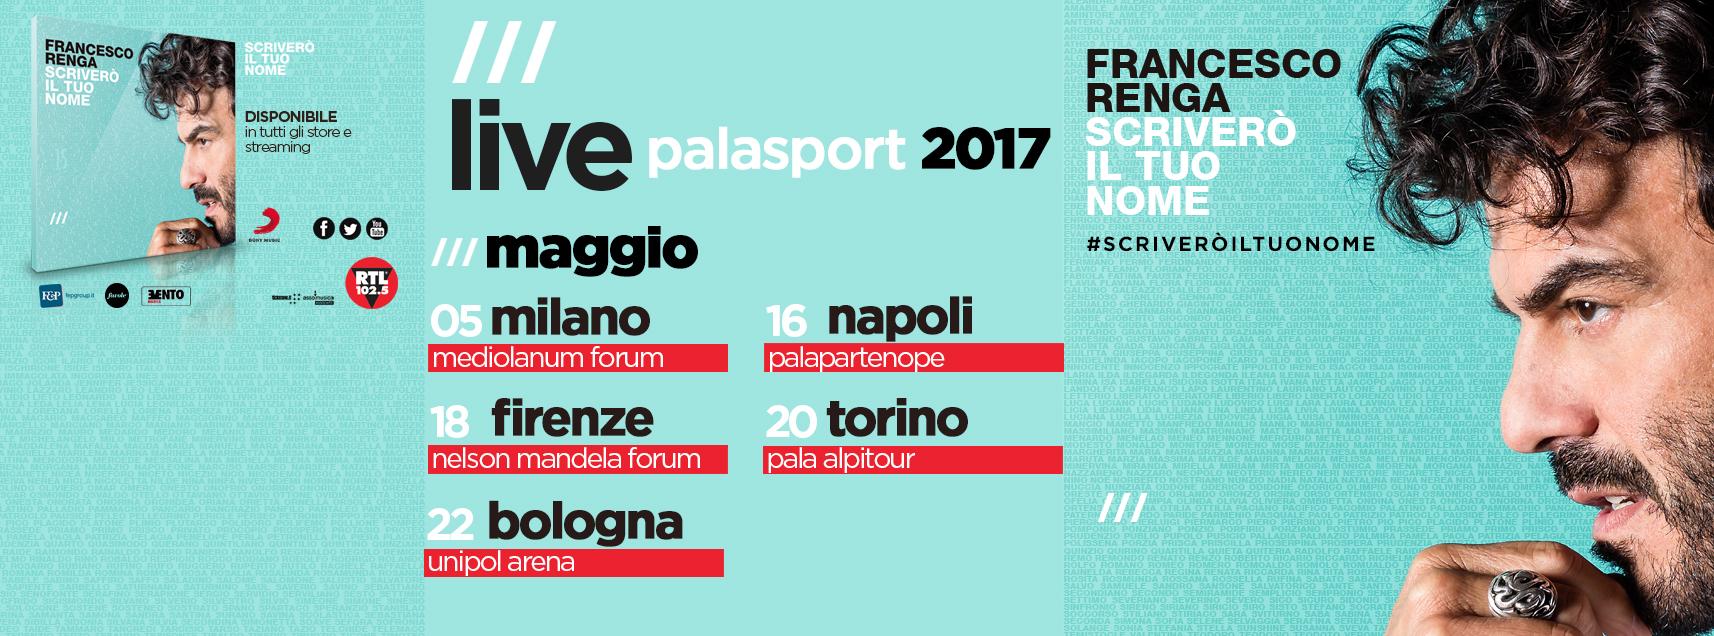 francesco renga palasport 2017